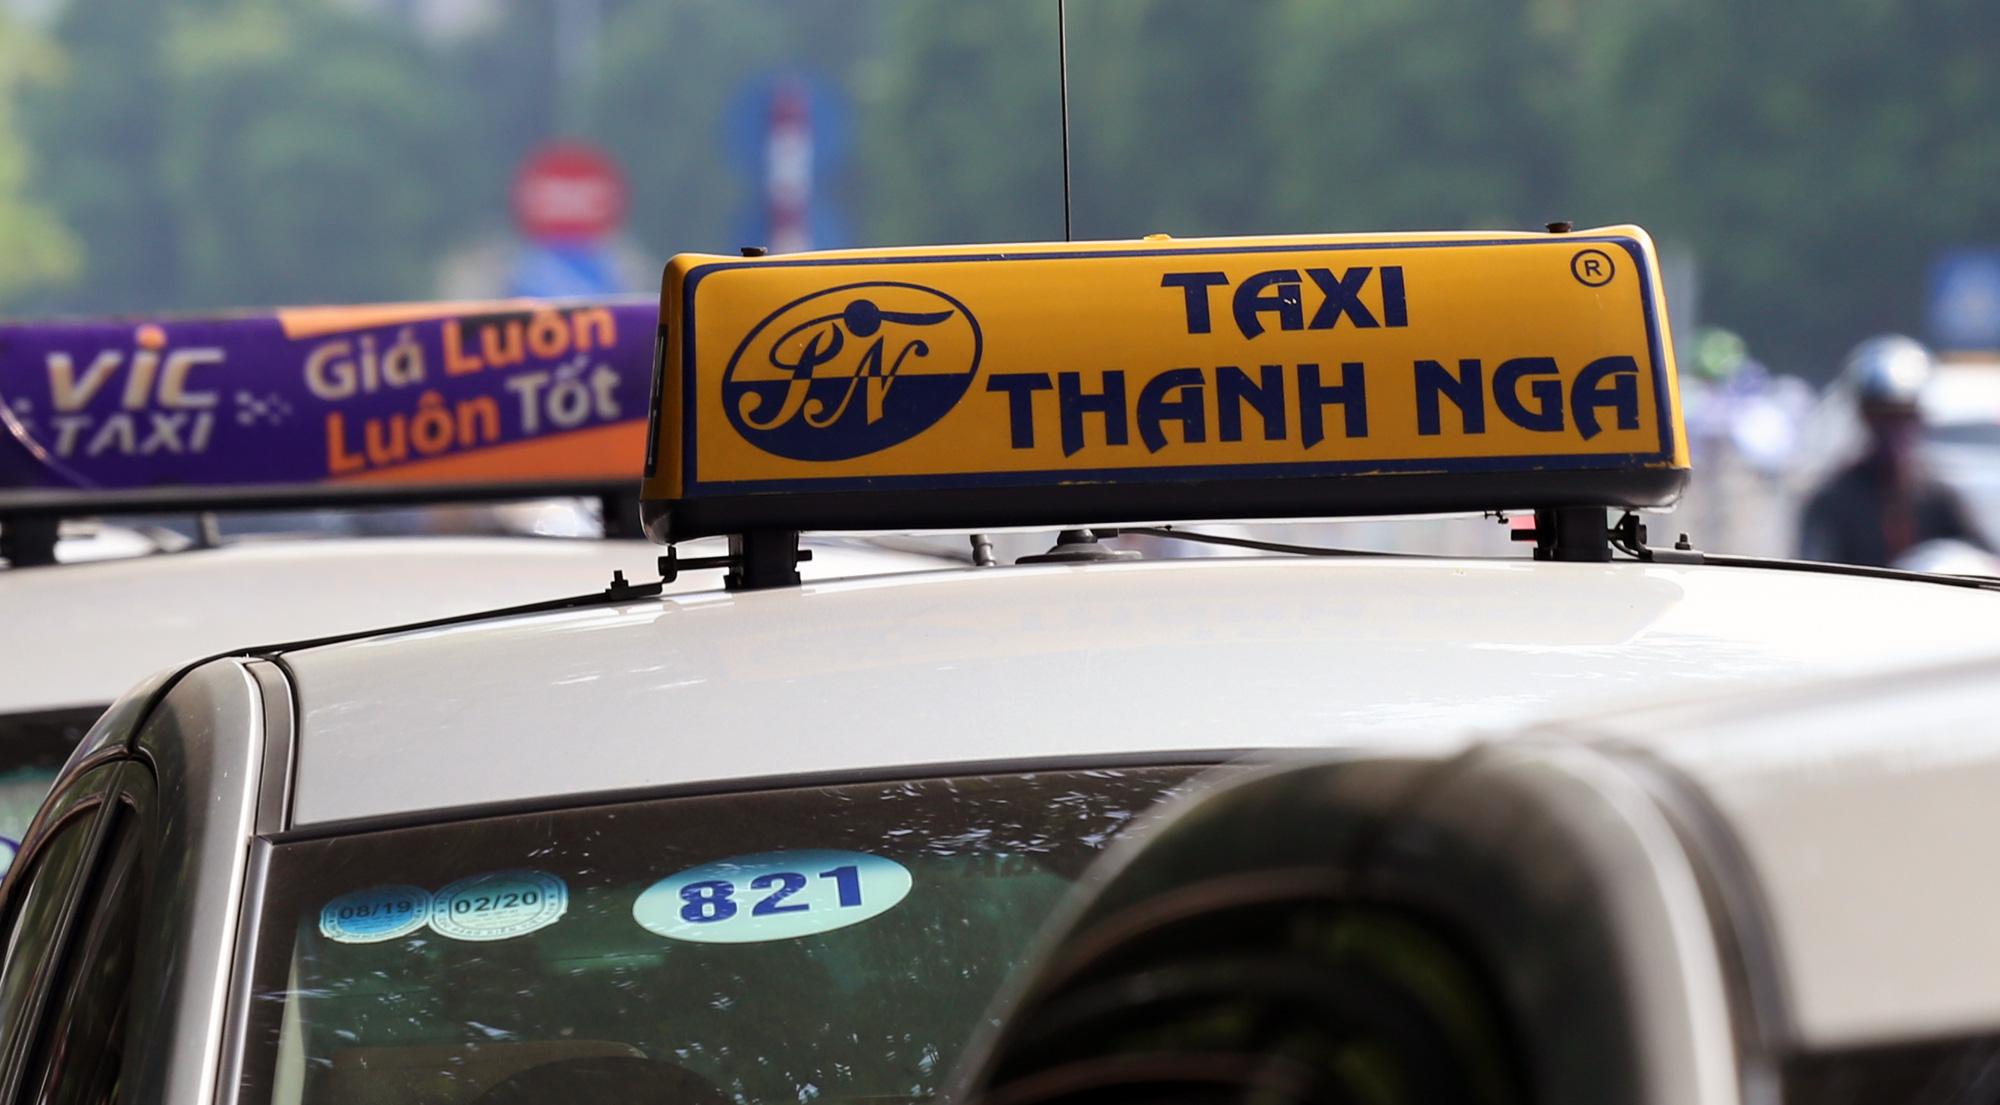 Hà Nội bỏ biển cấm taxi, xe hợp đồng dưới 9 chỗ ở những tuyến phố này - Ảnh 1.